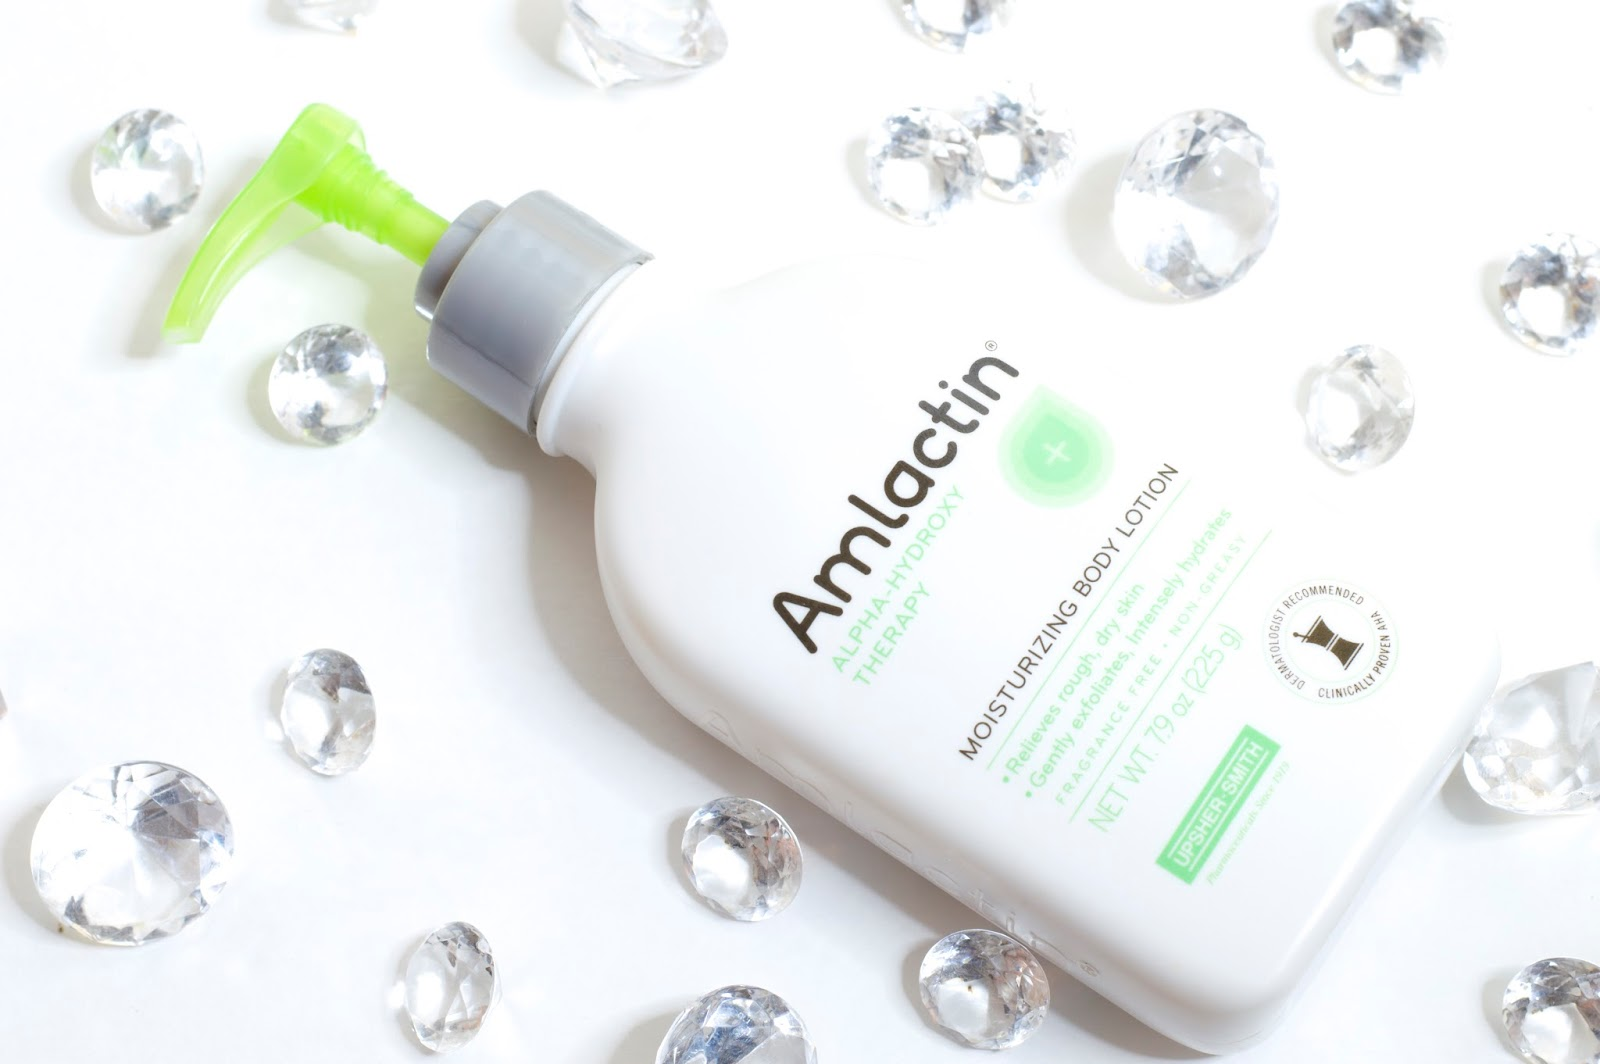 Amlactin